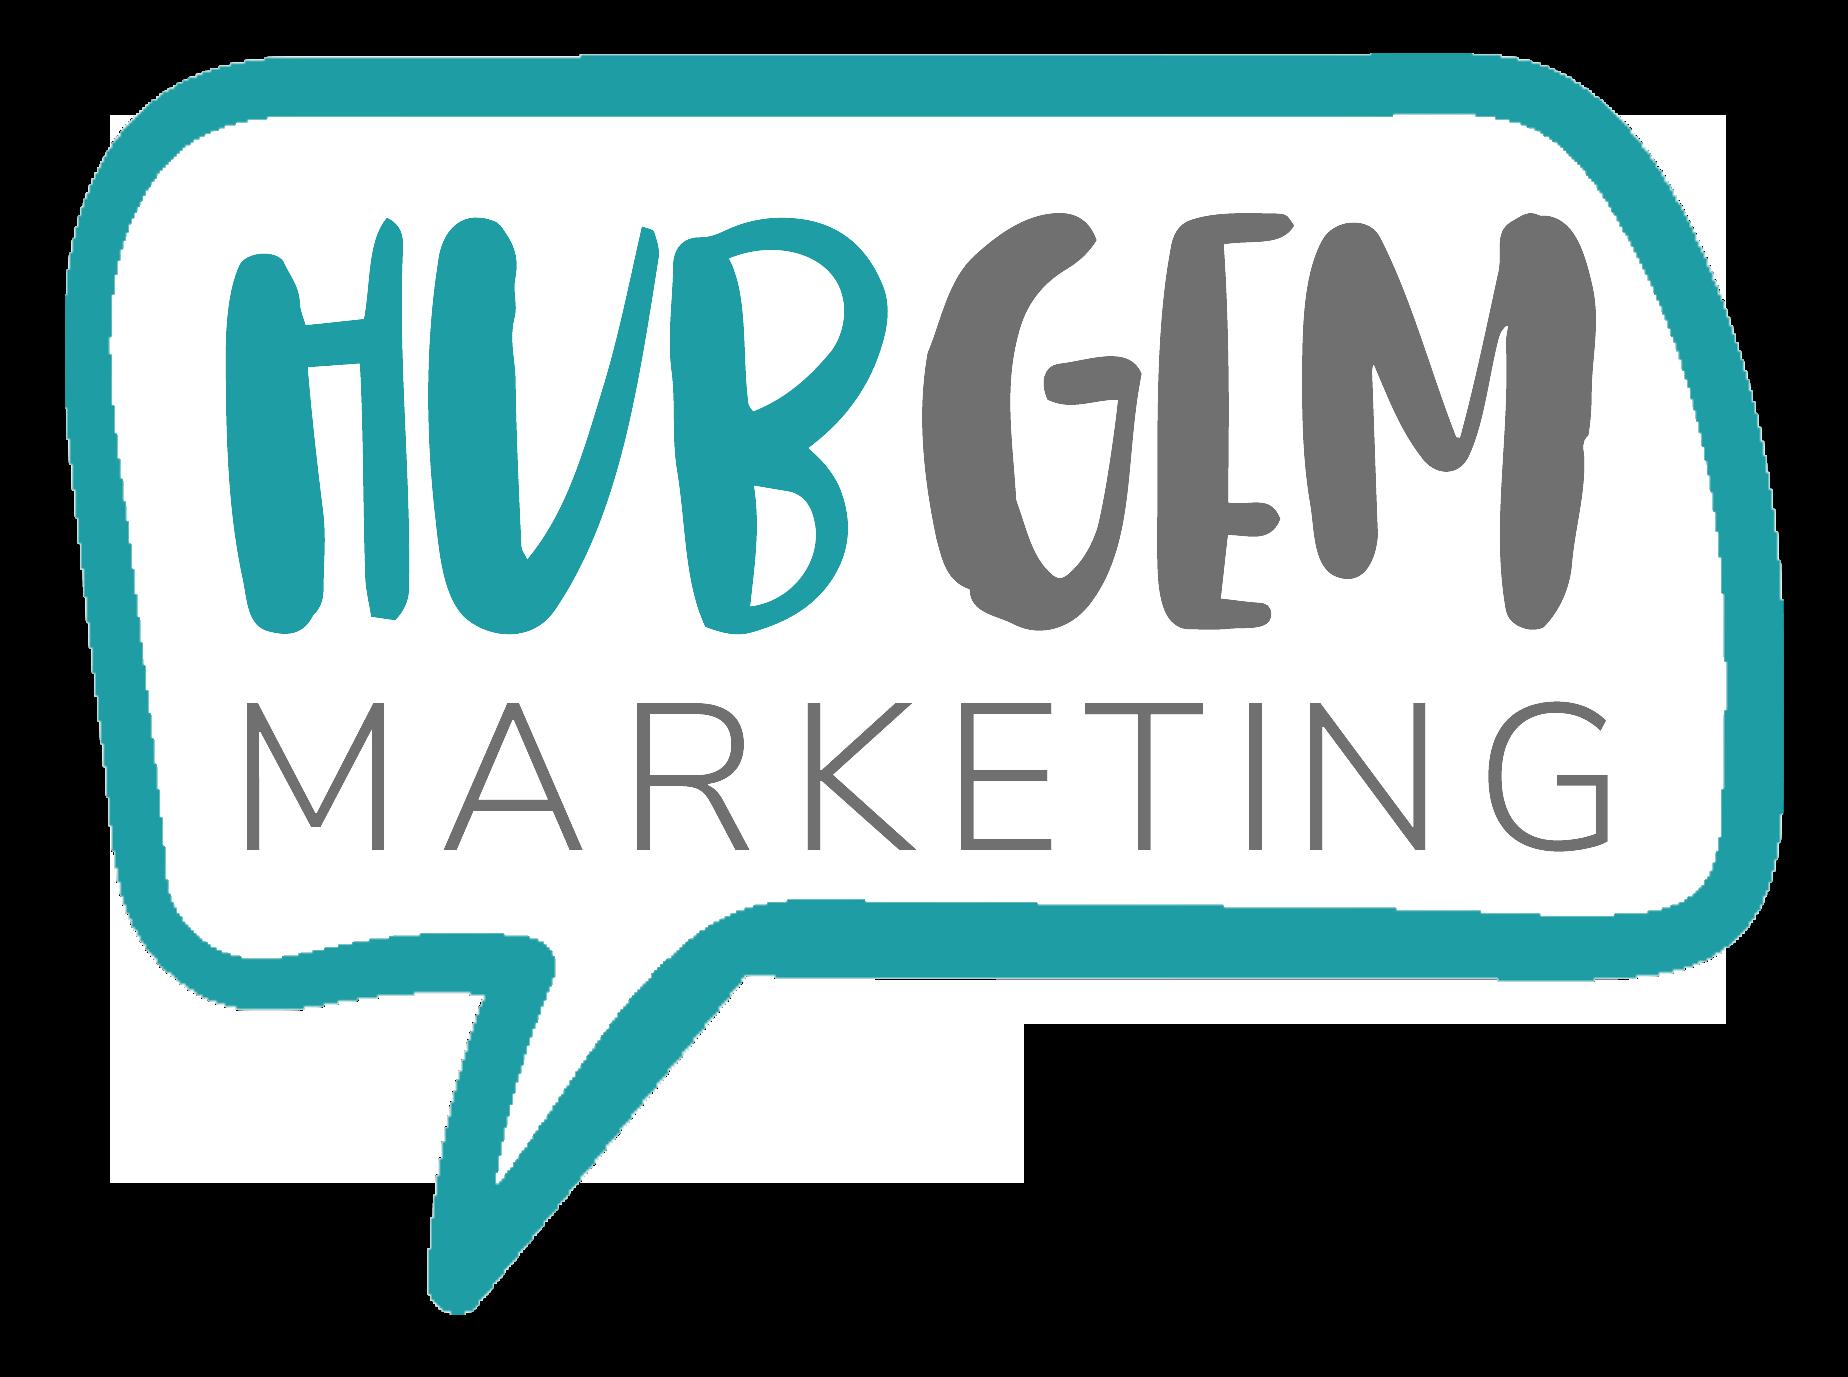 HubGem Marketing